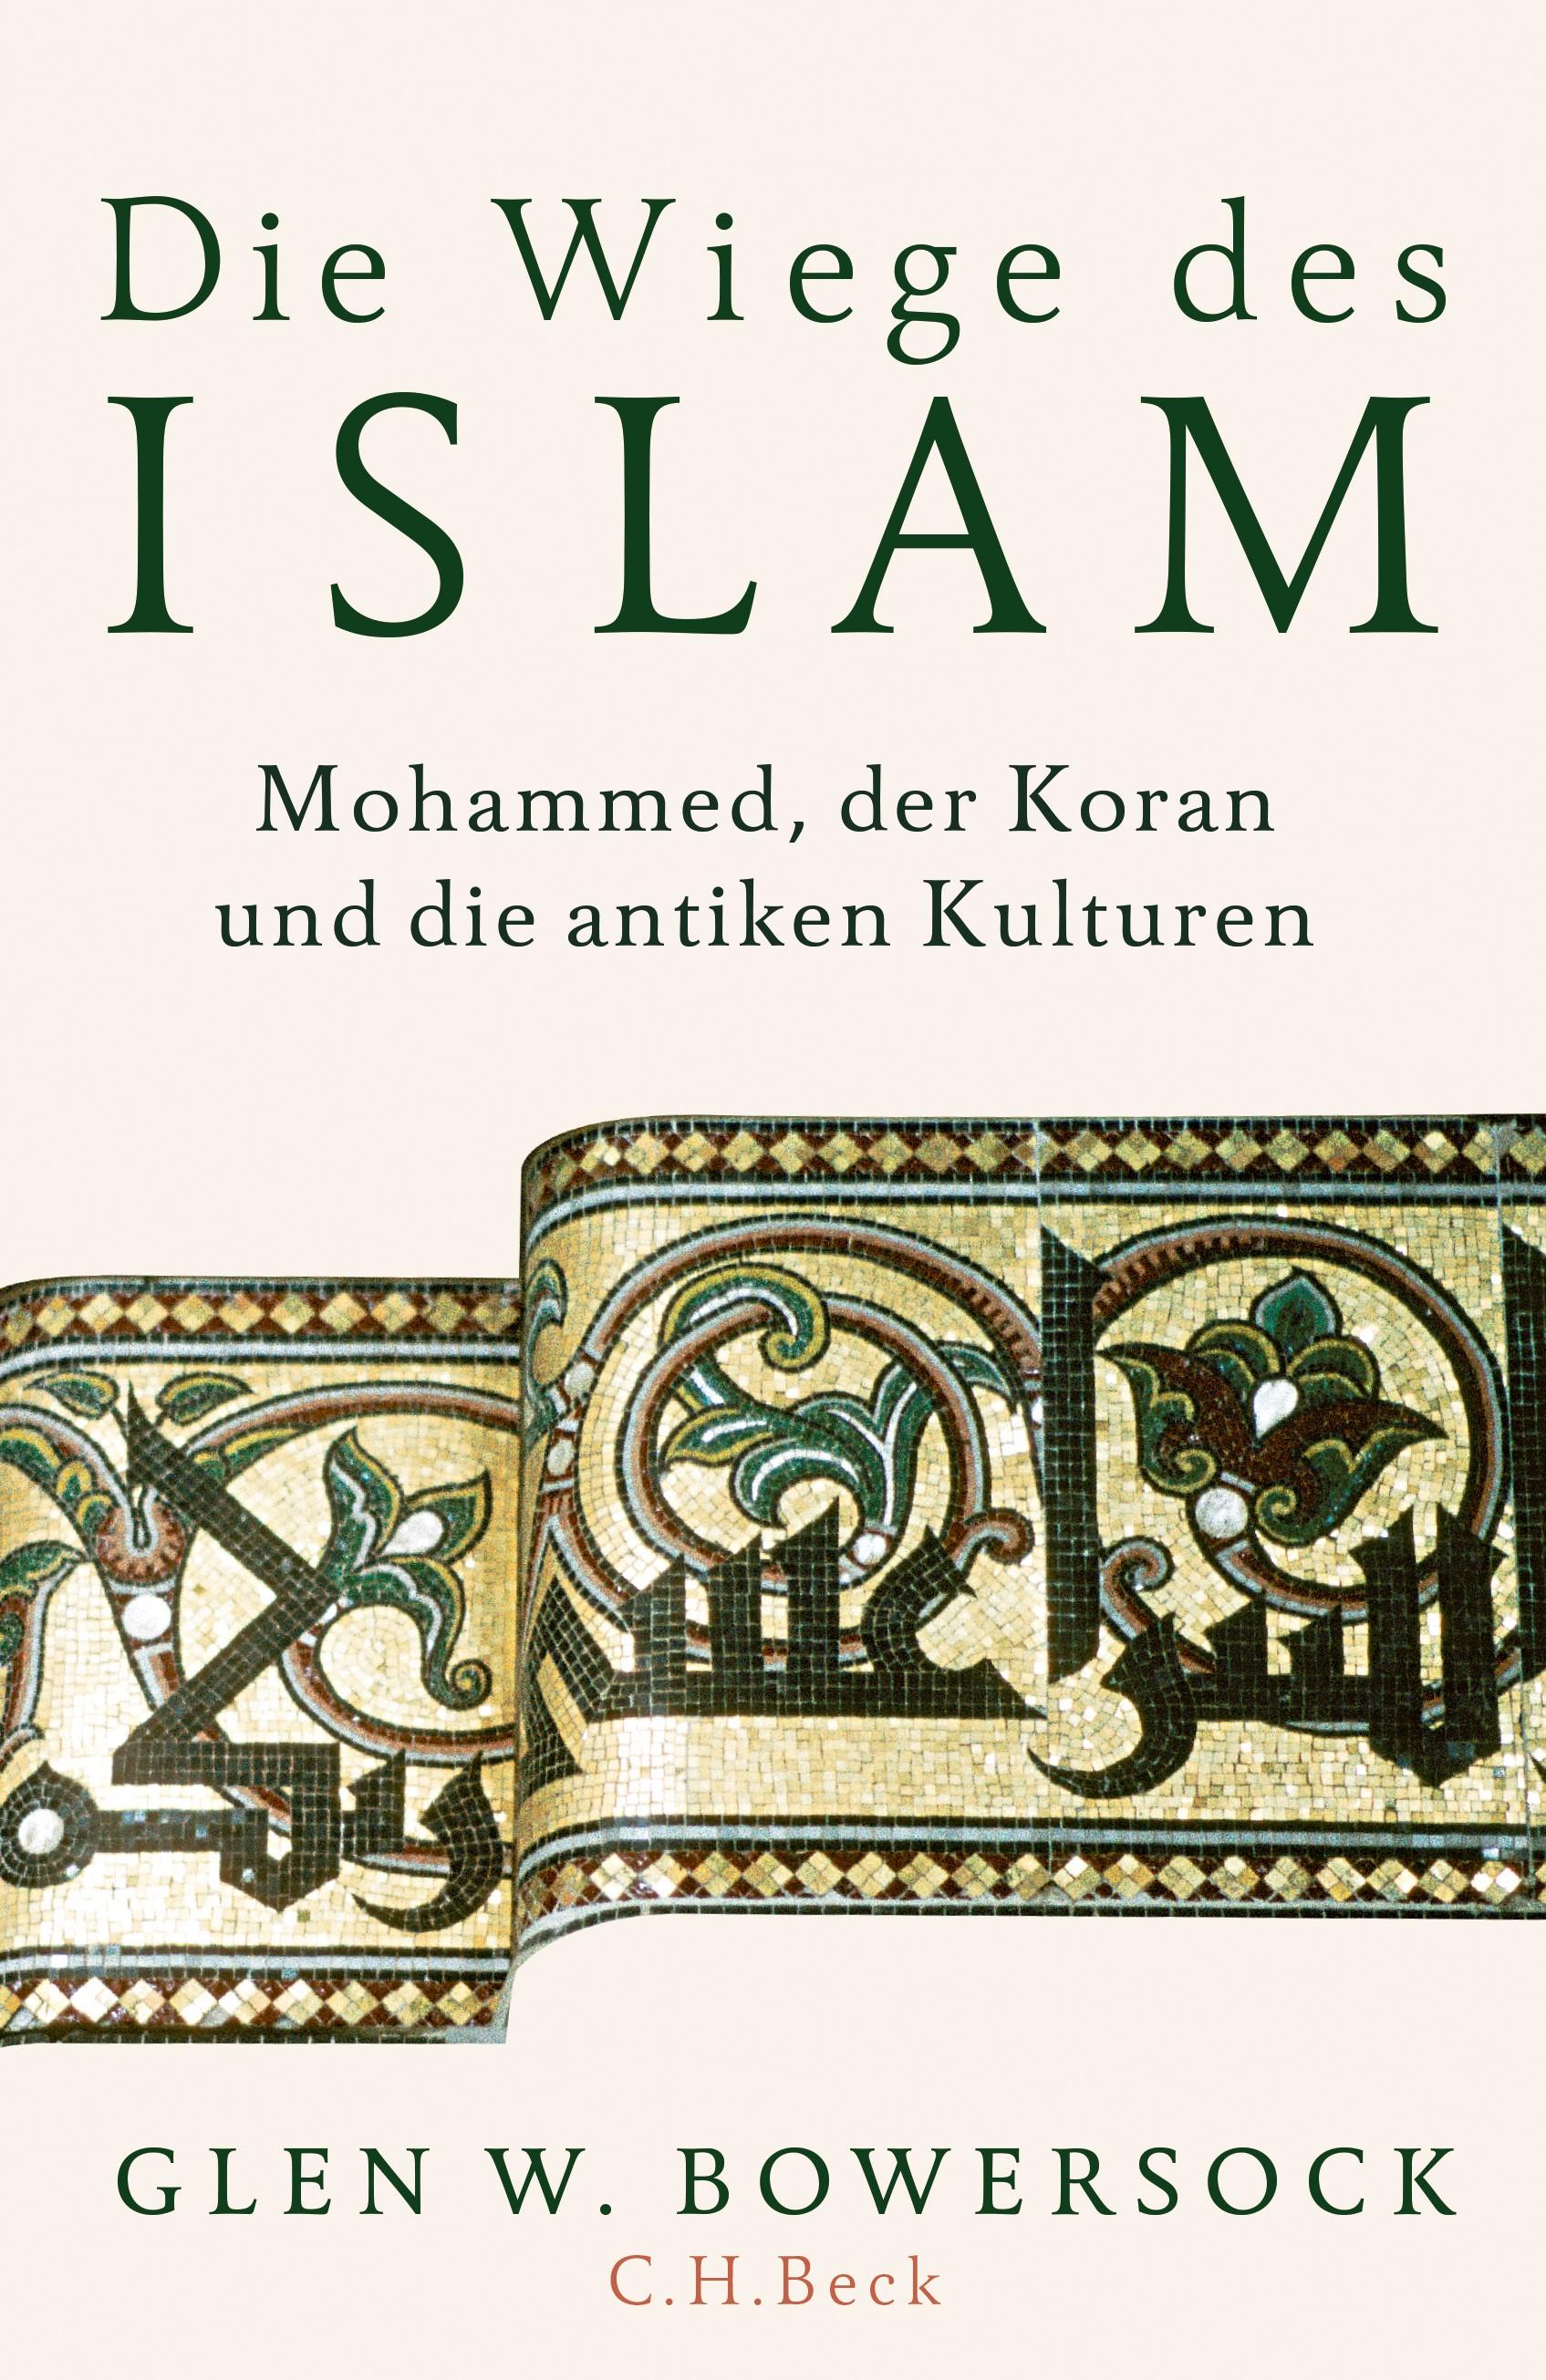 Die Wiege des Islam | Bowersock, Glen W., 2019 | Buch (Cover)